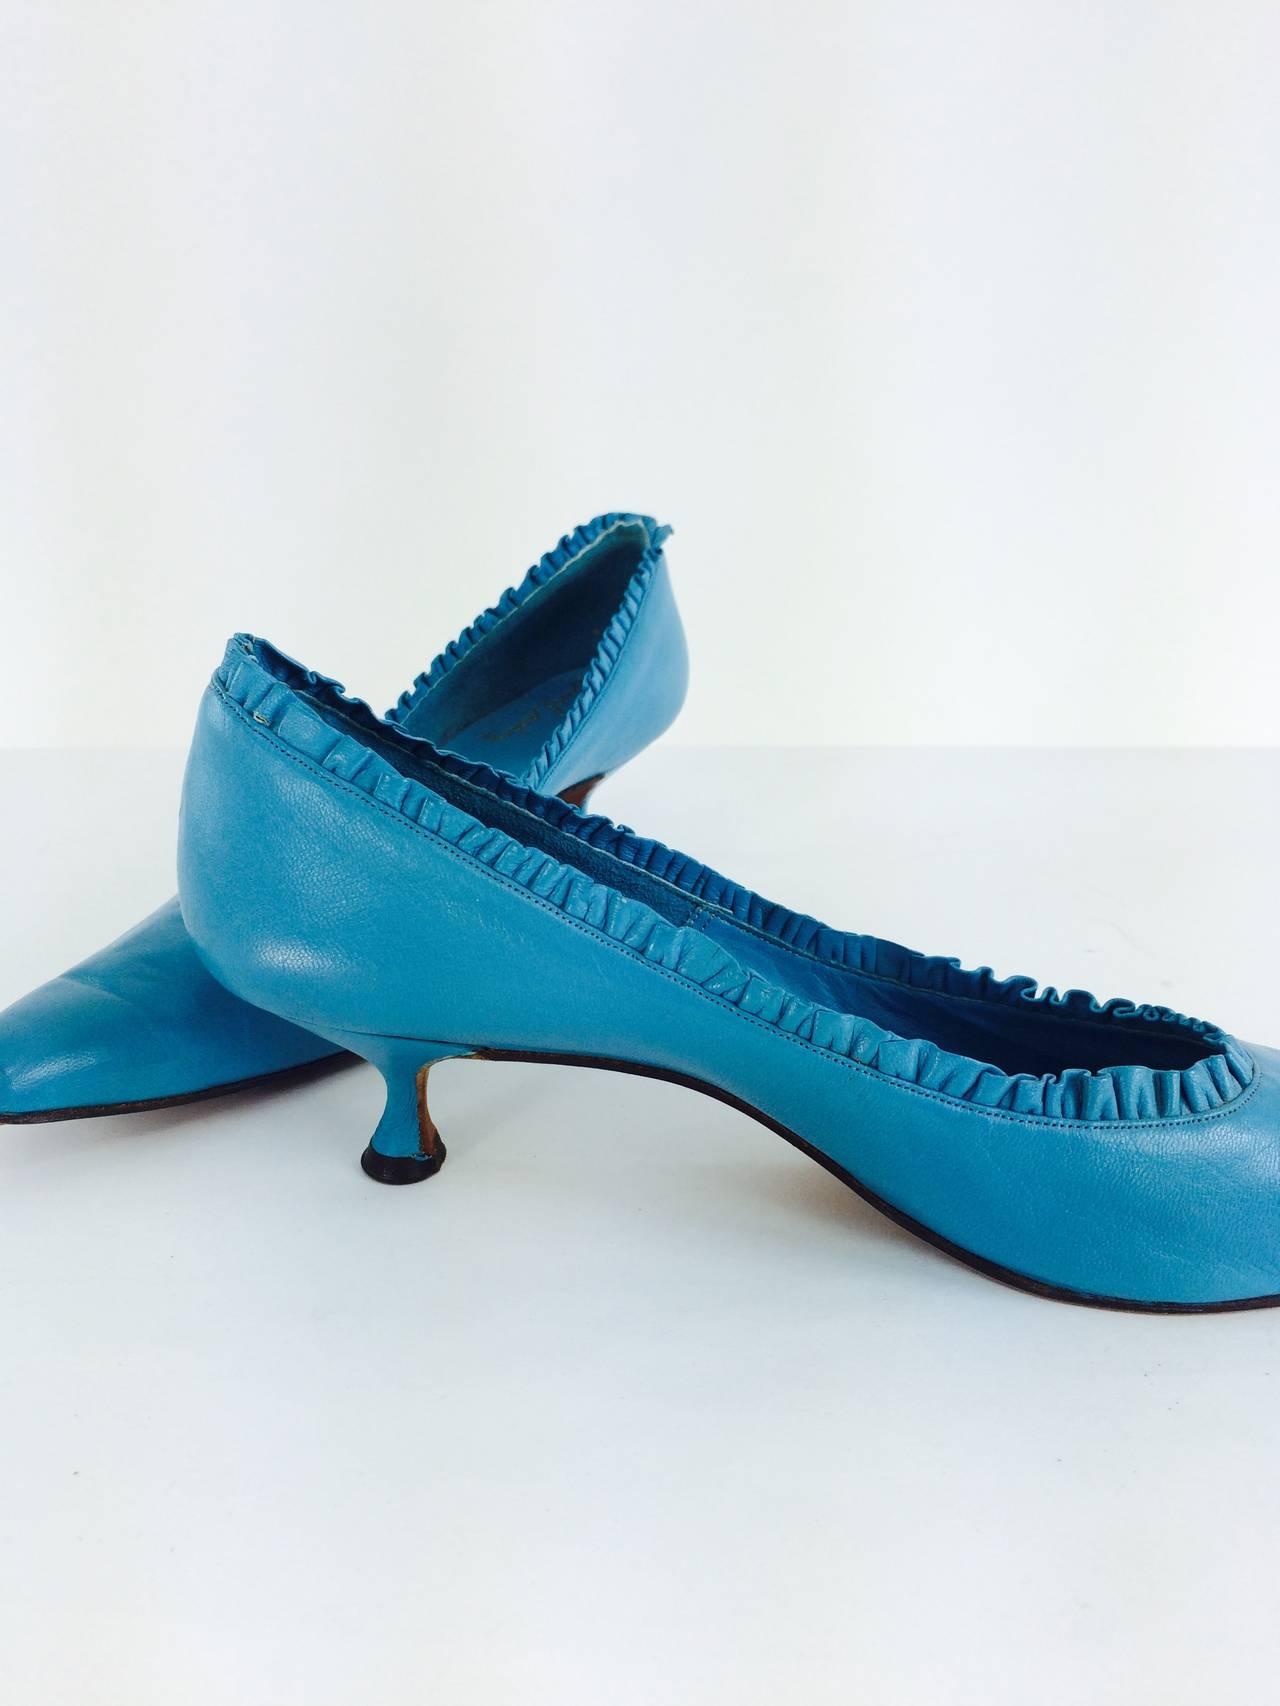 Margaret Jerrold turquoise Louis heel pumps  8 1/2 N unworn 1960s 3